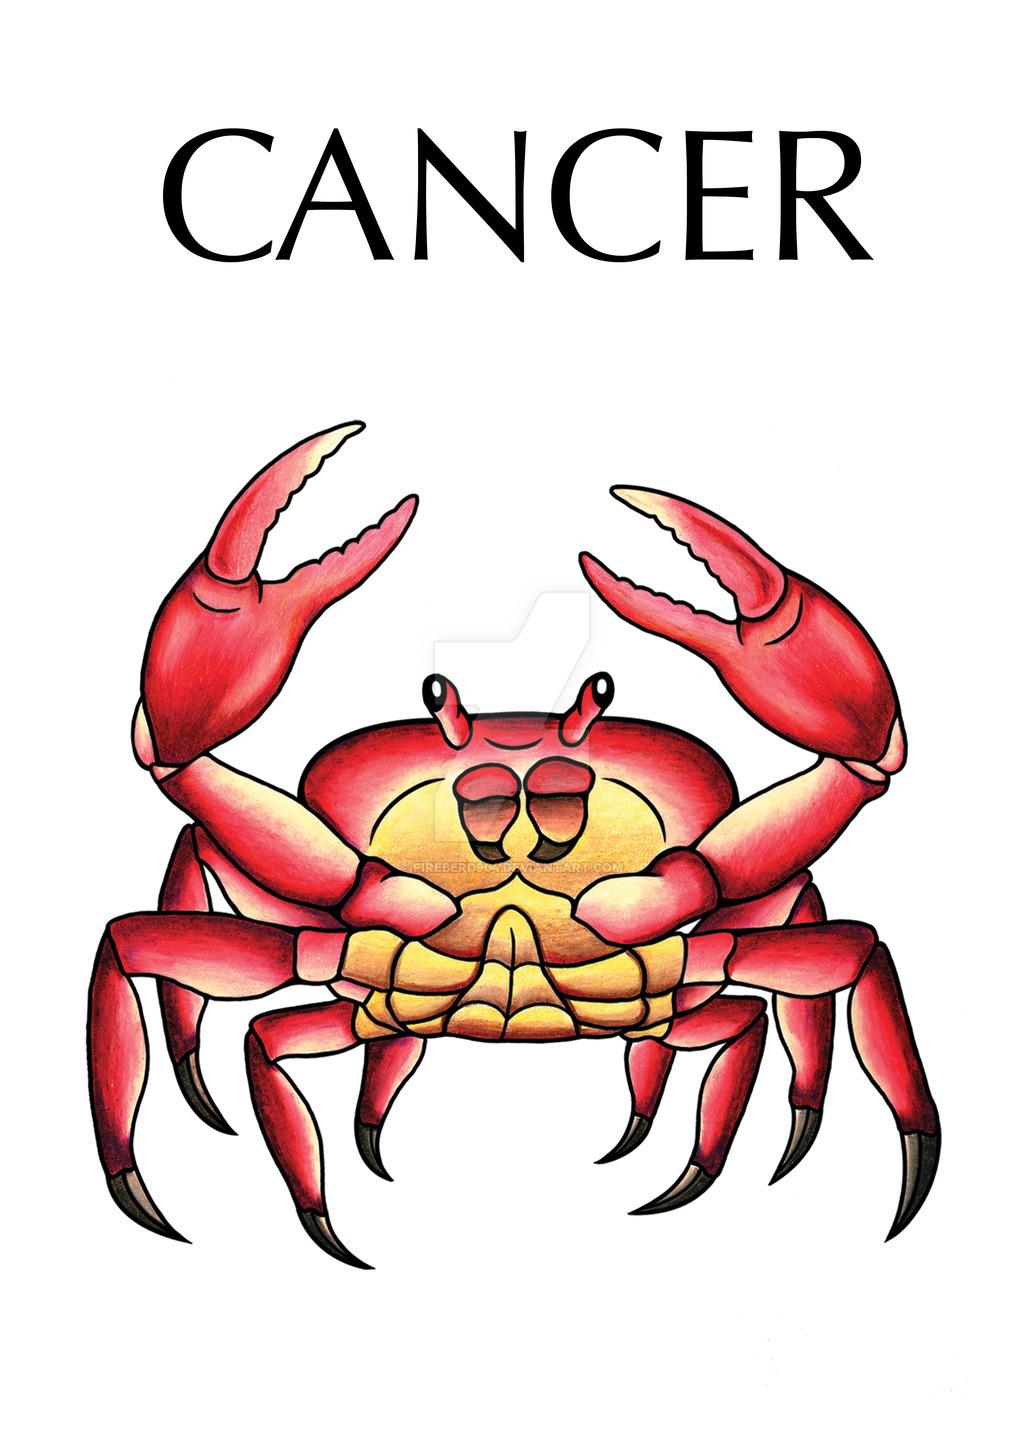 cancer__the_crab_by_fireberd904-d3gw4m7.jpg